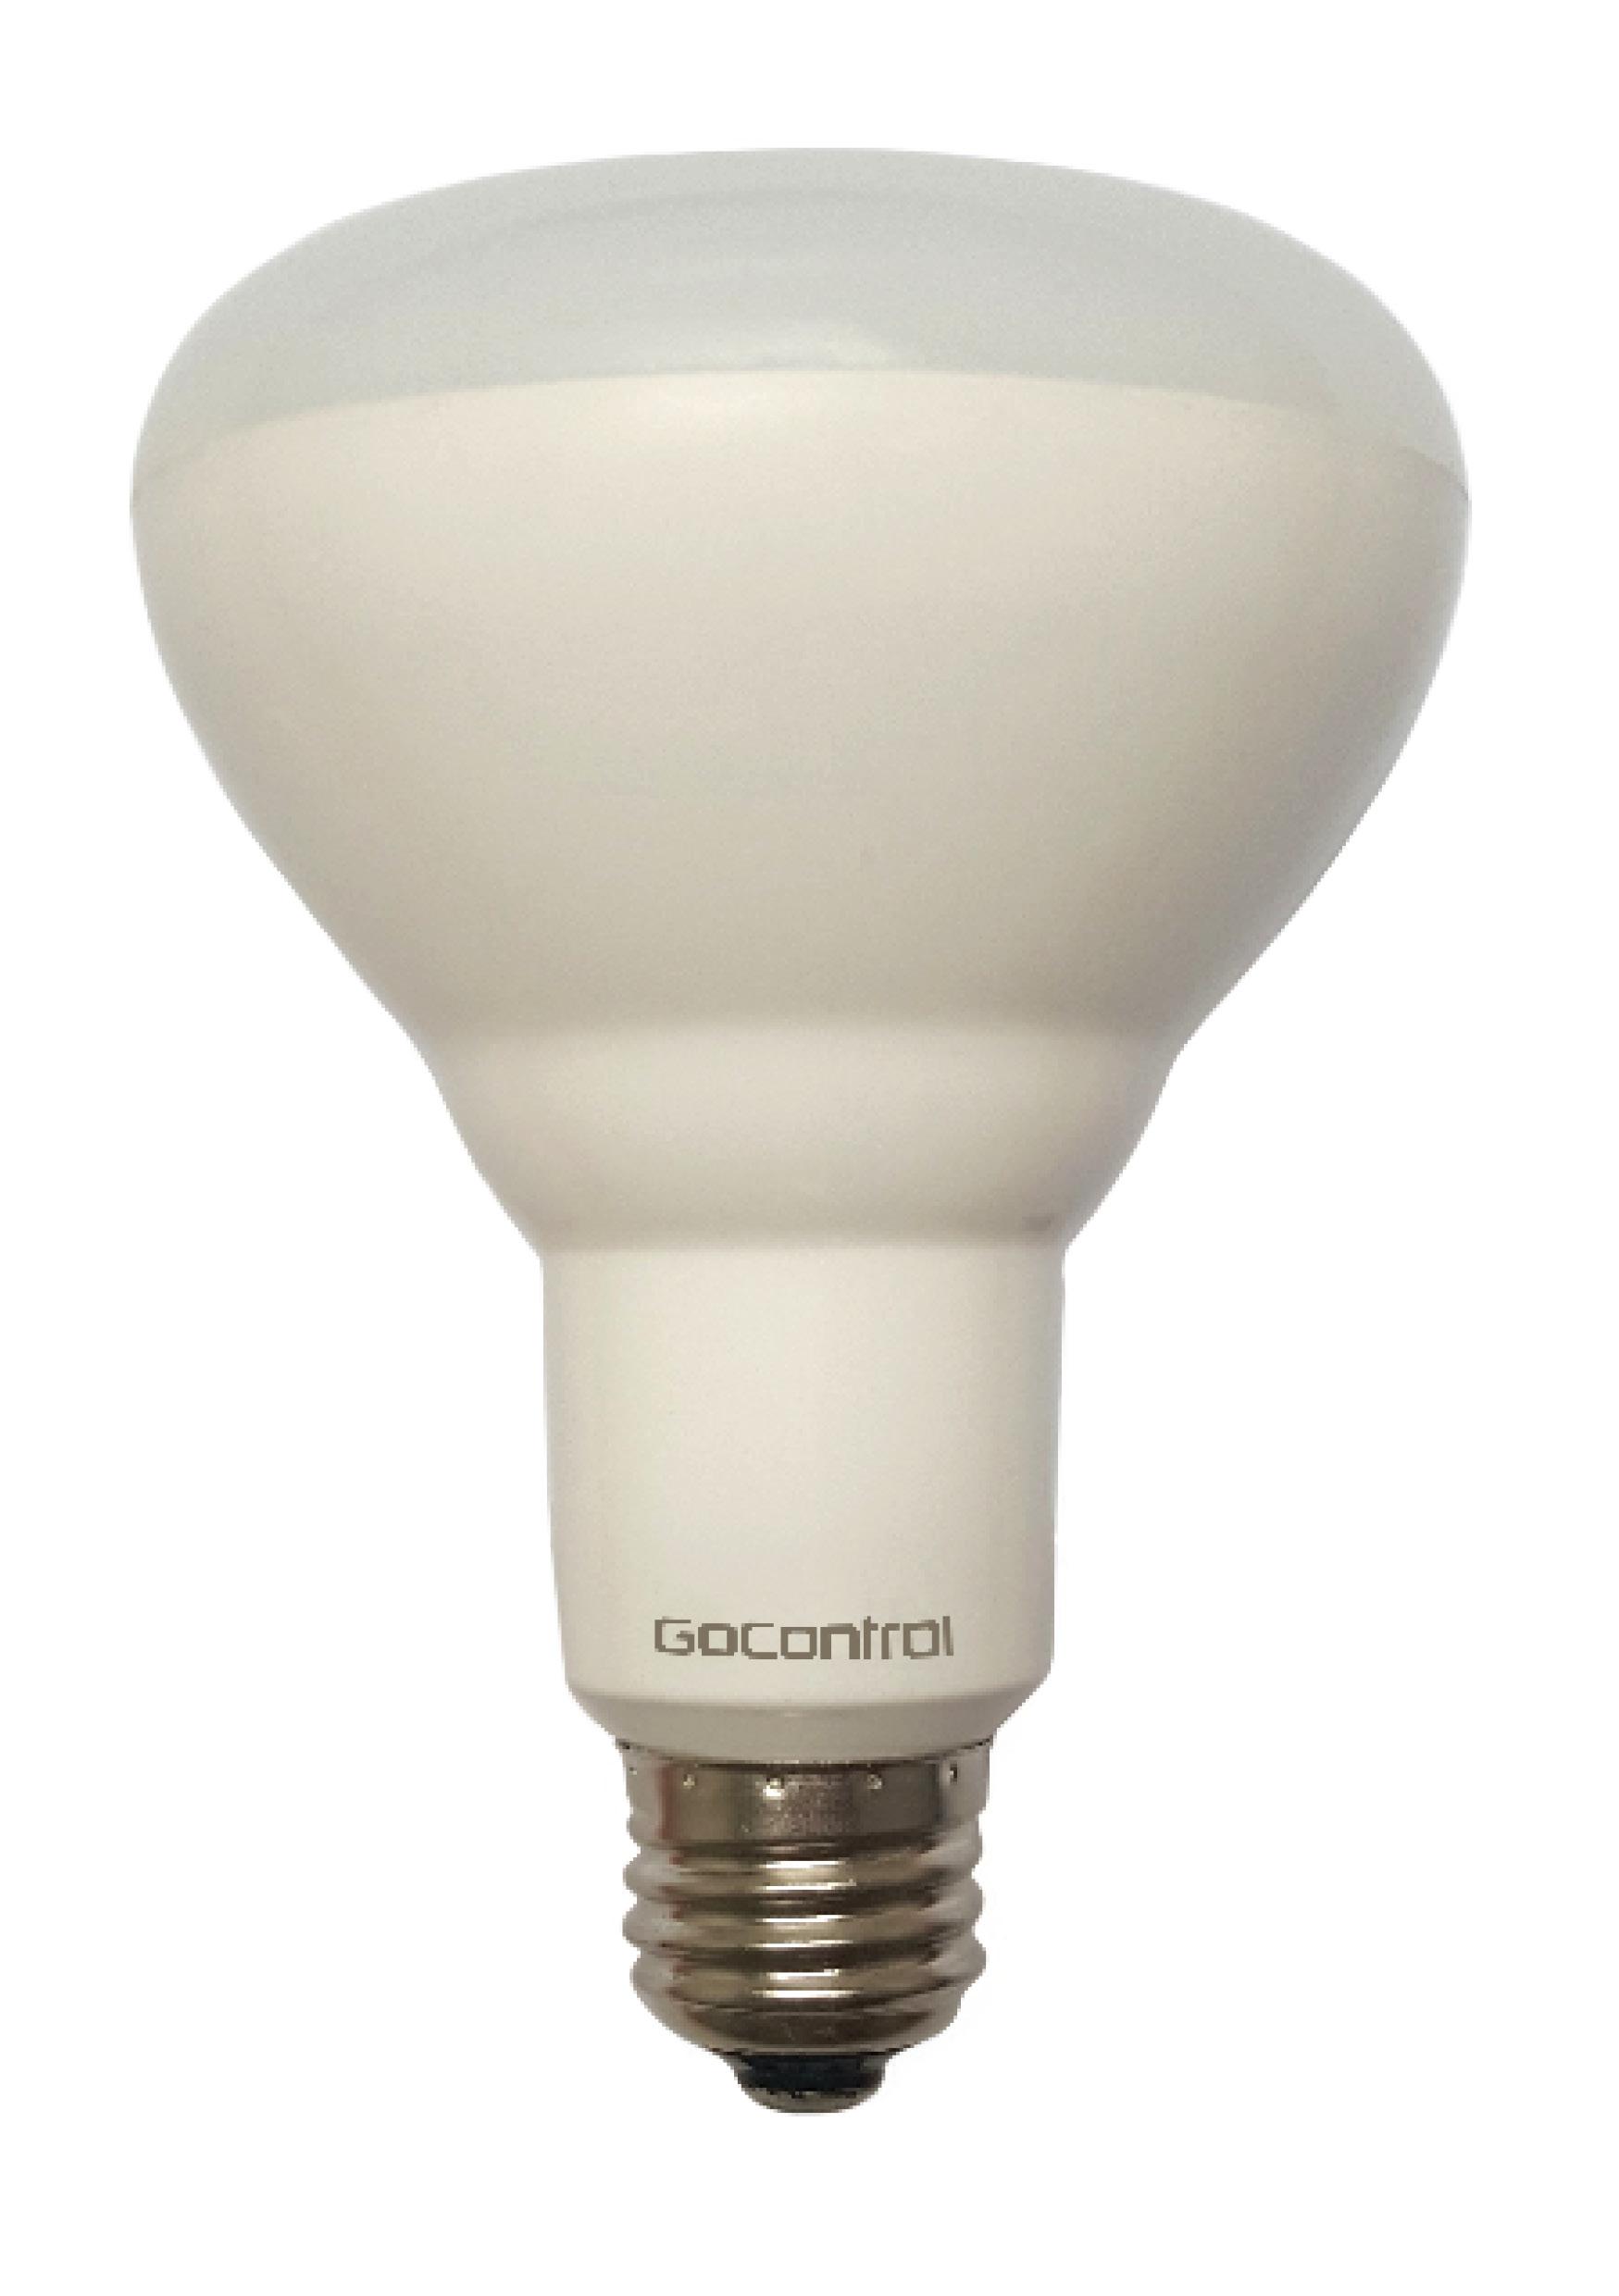 wave product catalog smart led light bulb. Black Bedroom Furniture Sets. Home Design Ideas